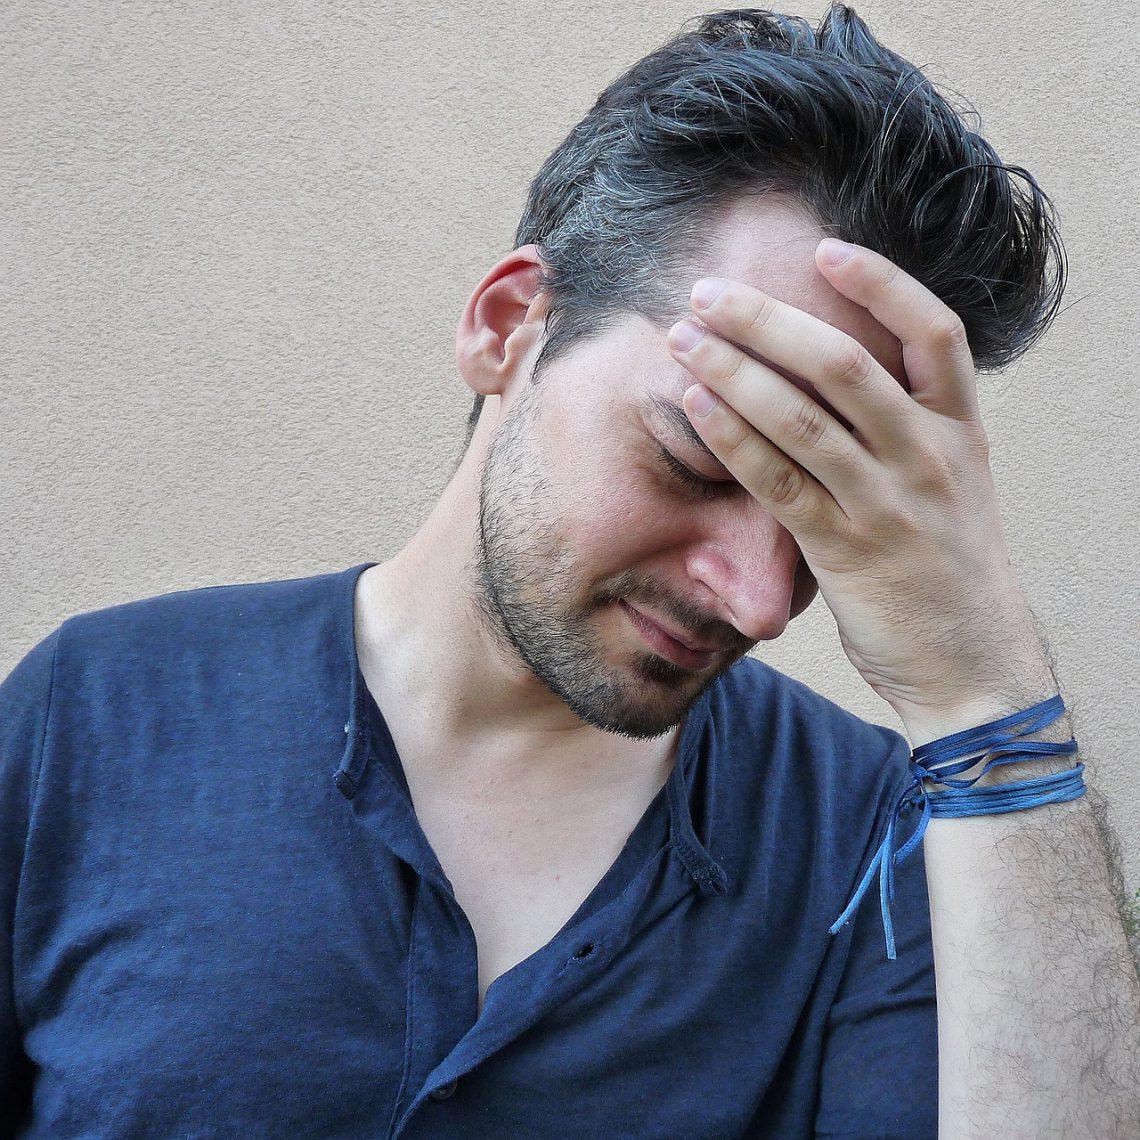 El 50% de los pacientes con migraña crónica padece además ansiedad y/o depresión